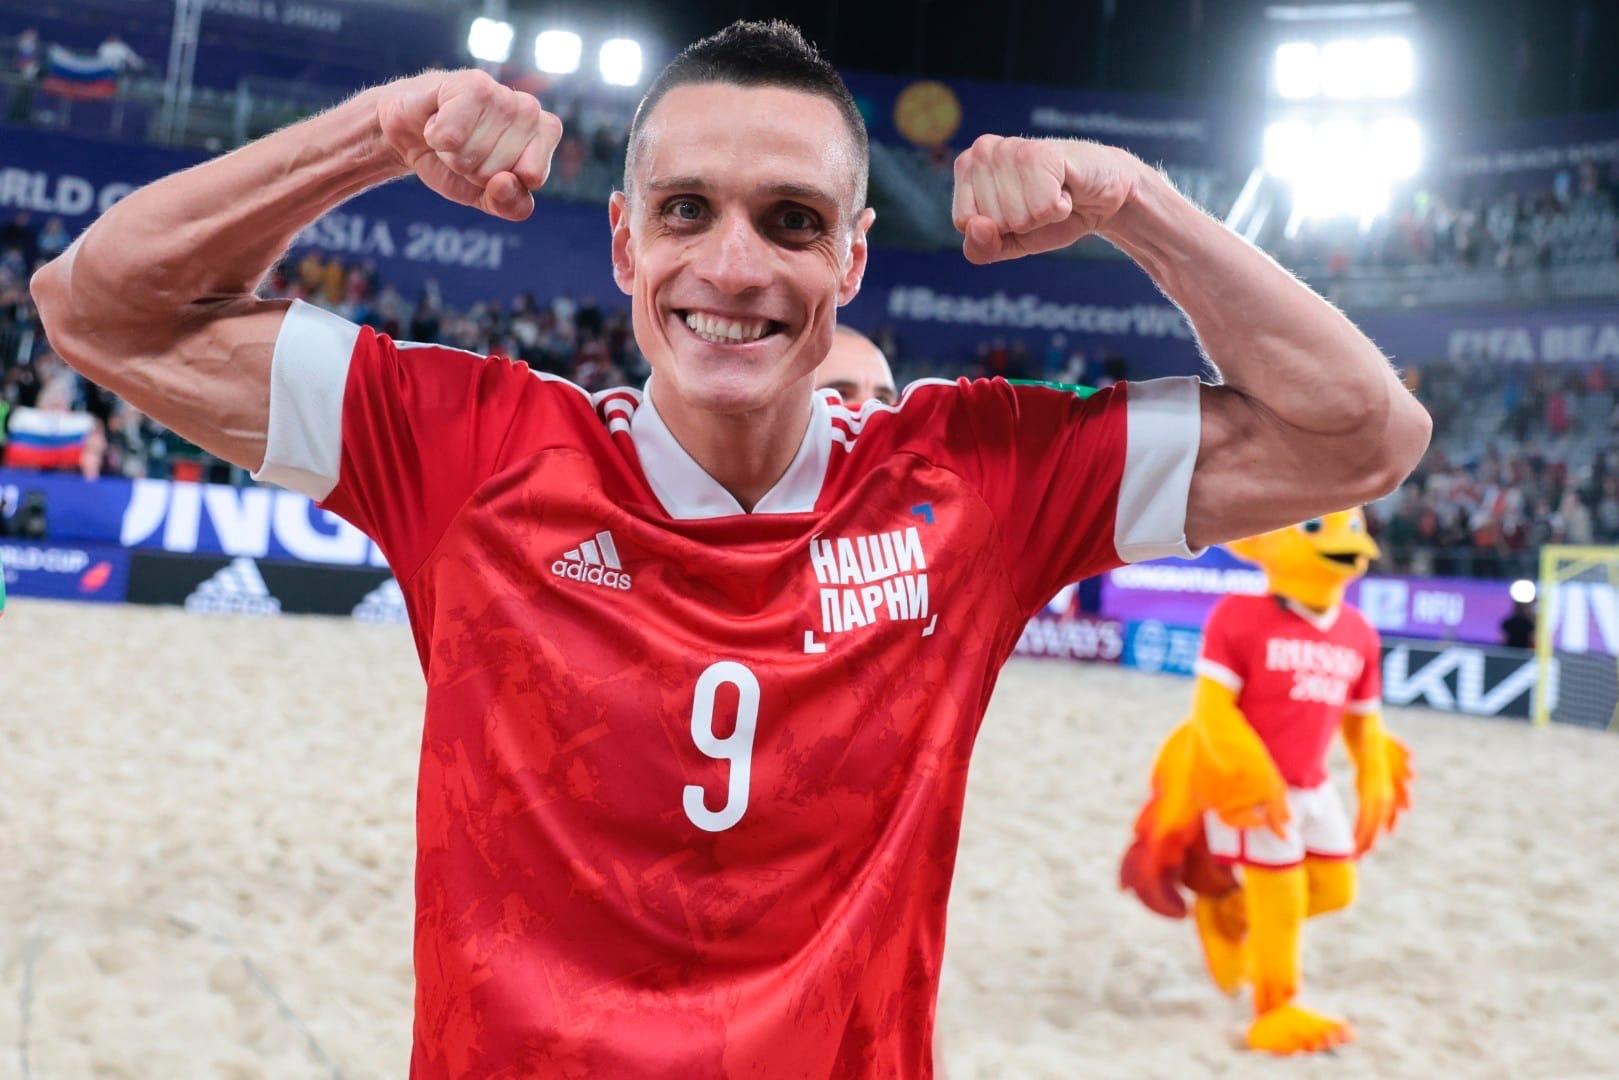 Ярославец Борис Никоноров в составе сборной России вышел в полуфинал Чемпионата мира по пляжному